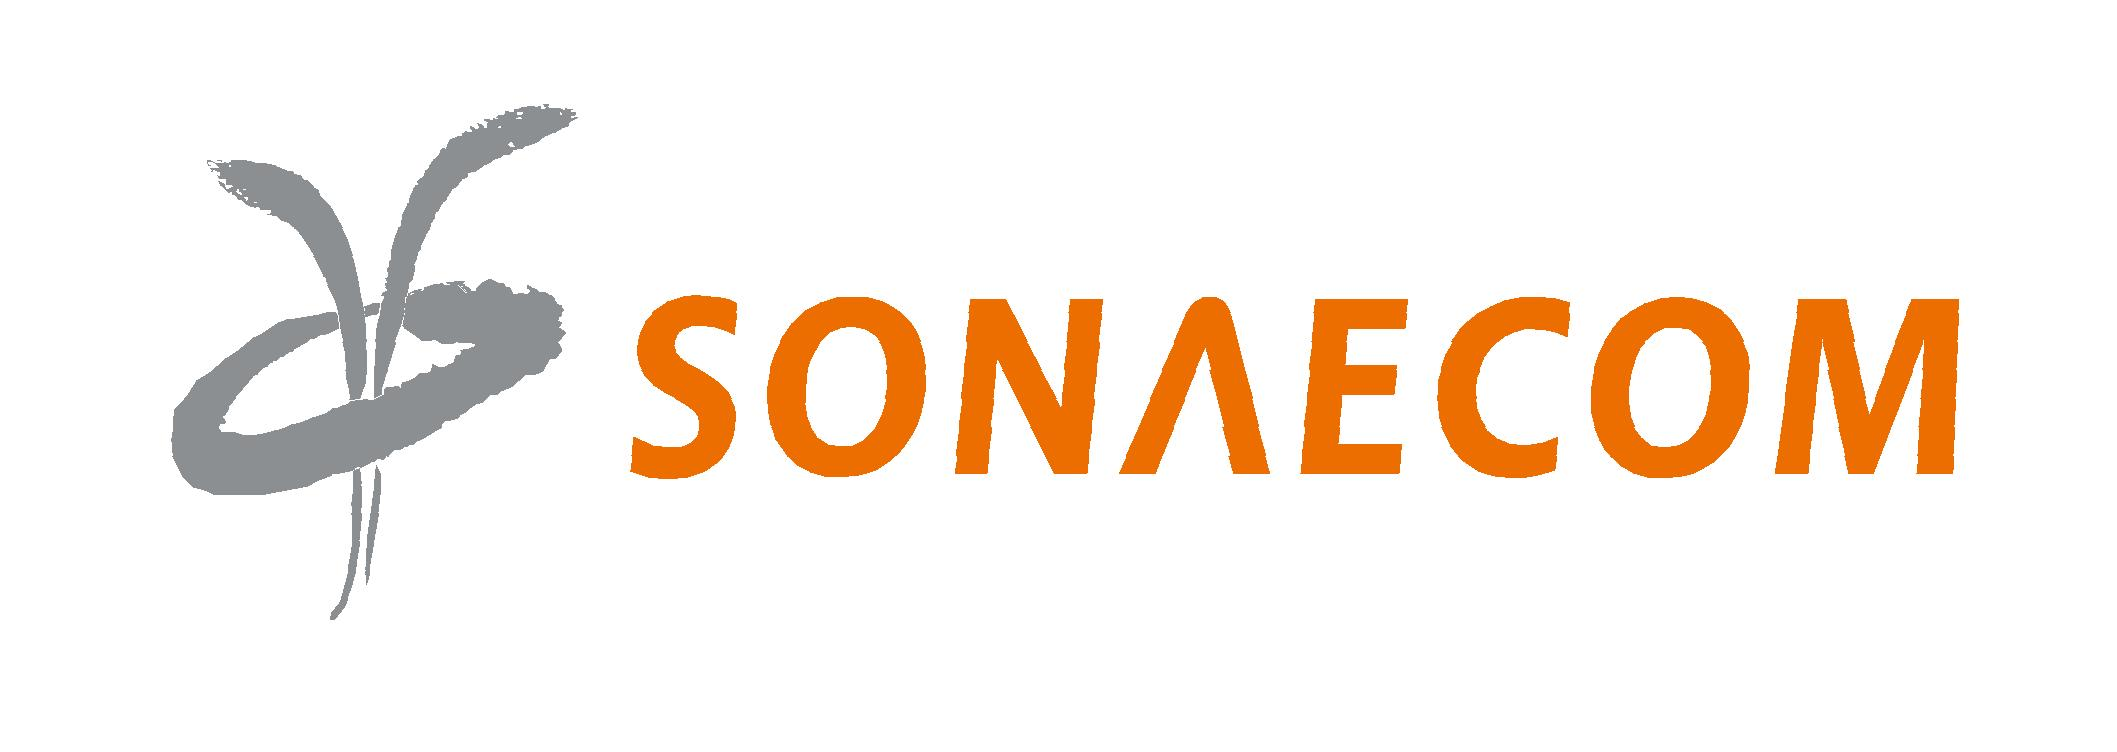 Sonaecom, Serviços de Comunicações, S.A.